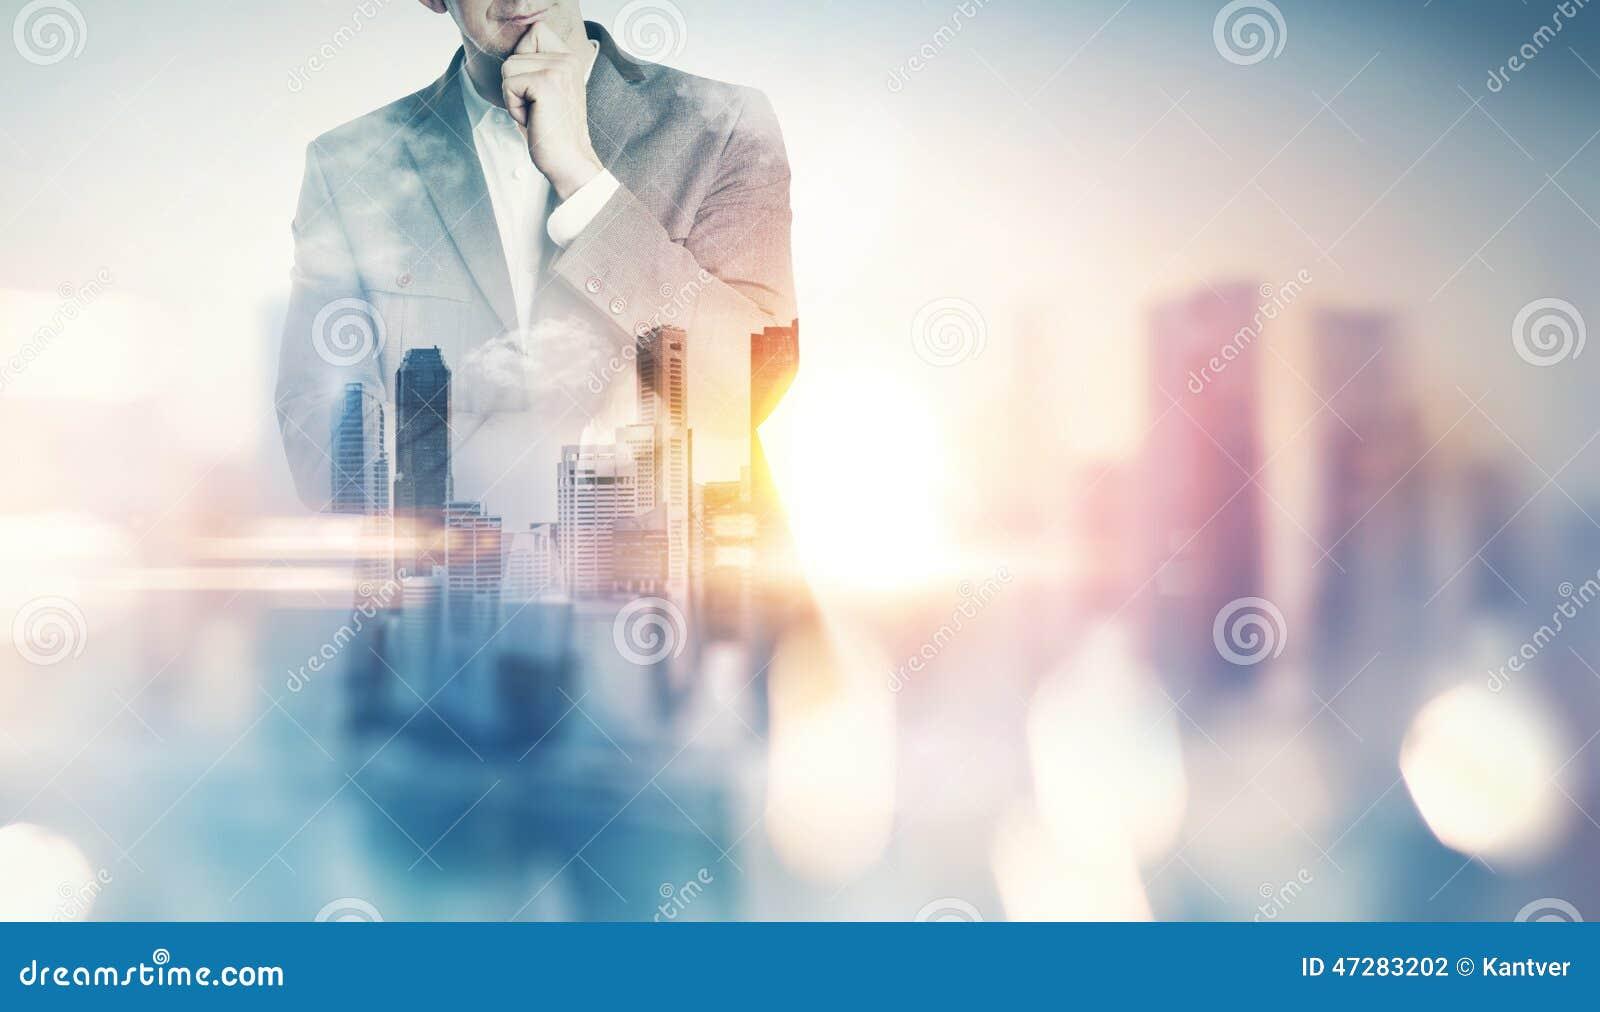 Dubbele blootstelling van de stads en bedrijfsmens met lichteffecten